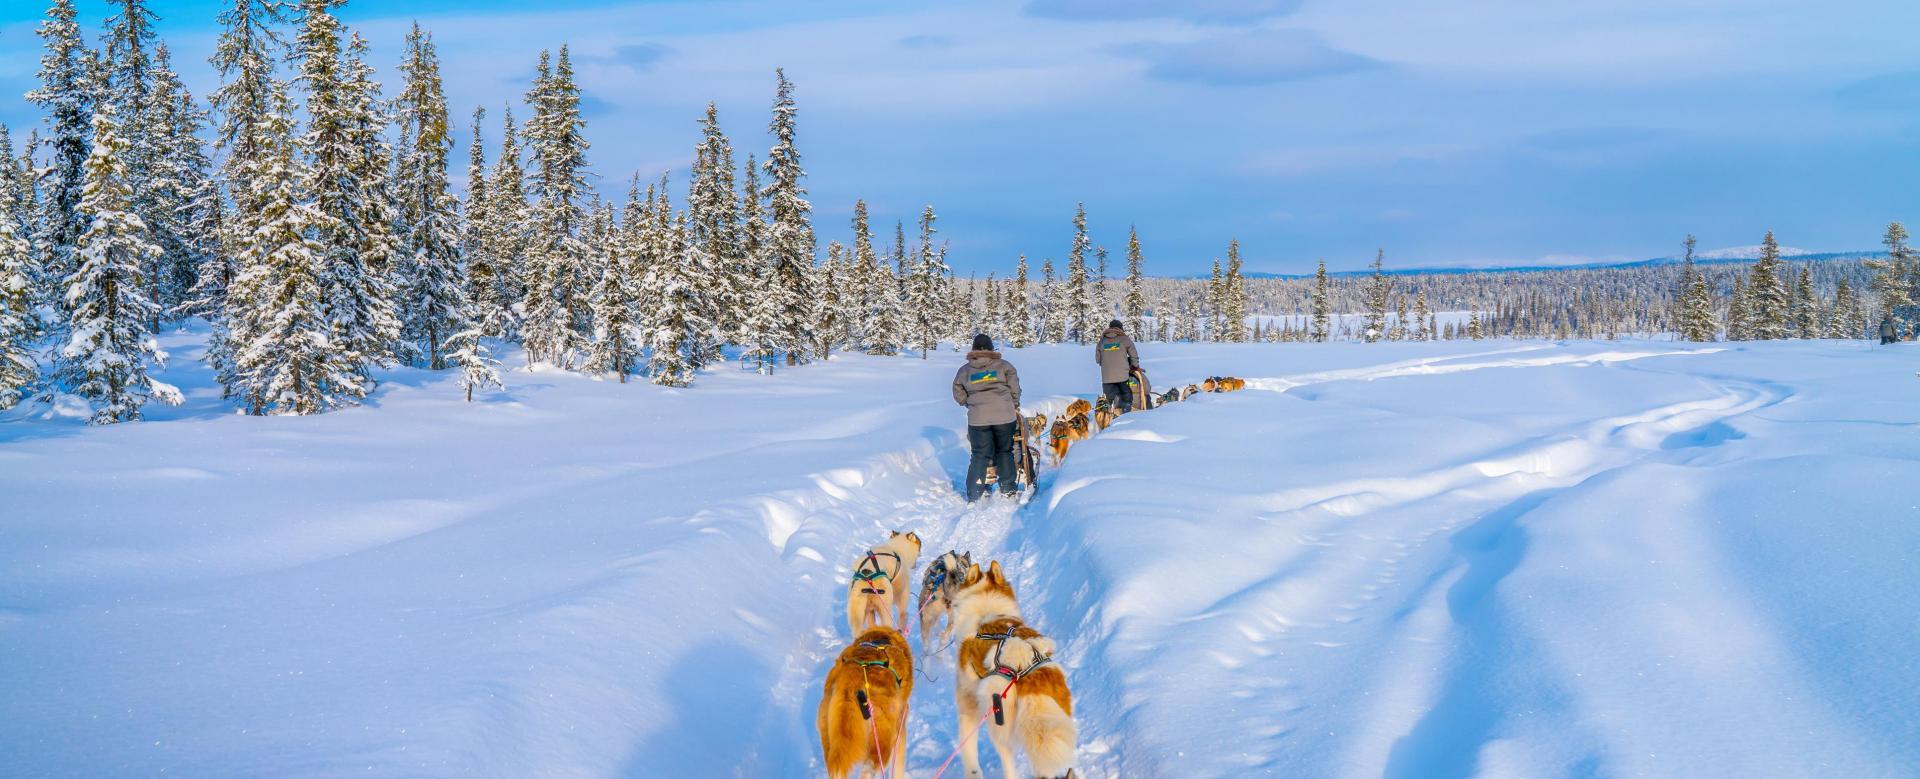 Voyage à la neige : Entre chiens et loups au québec